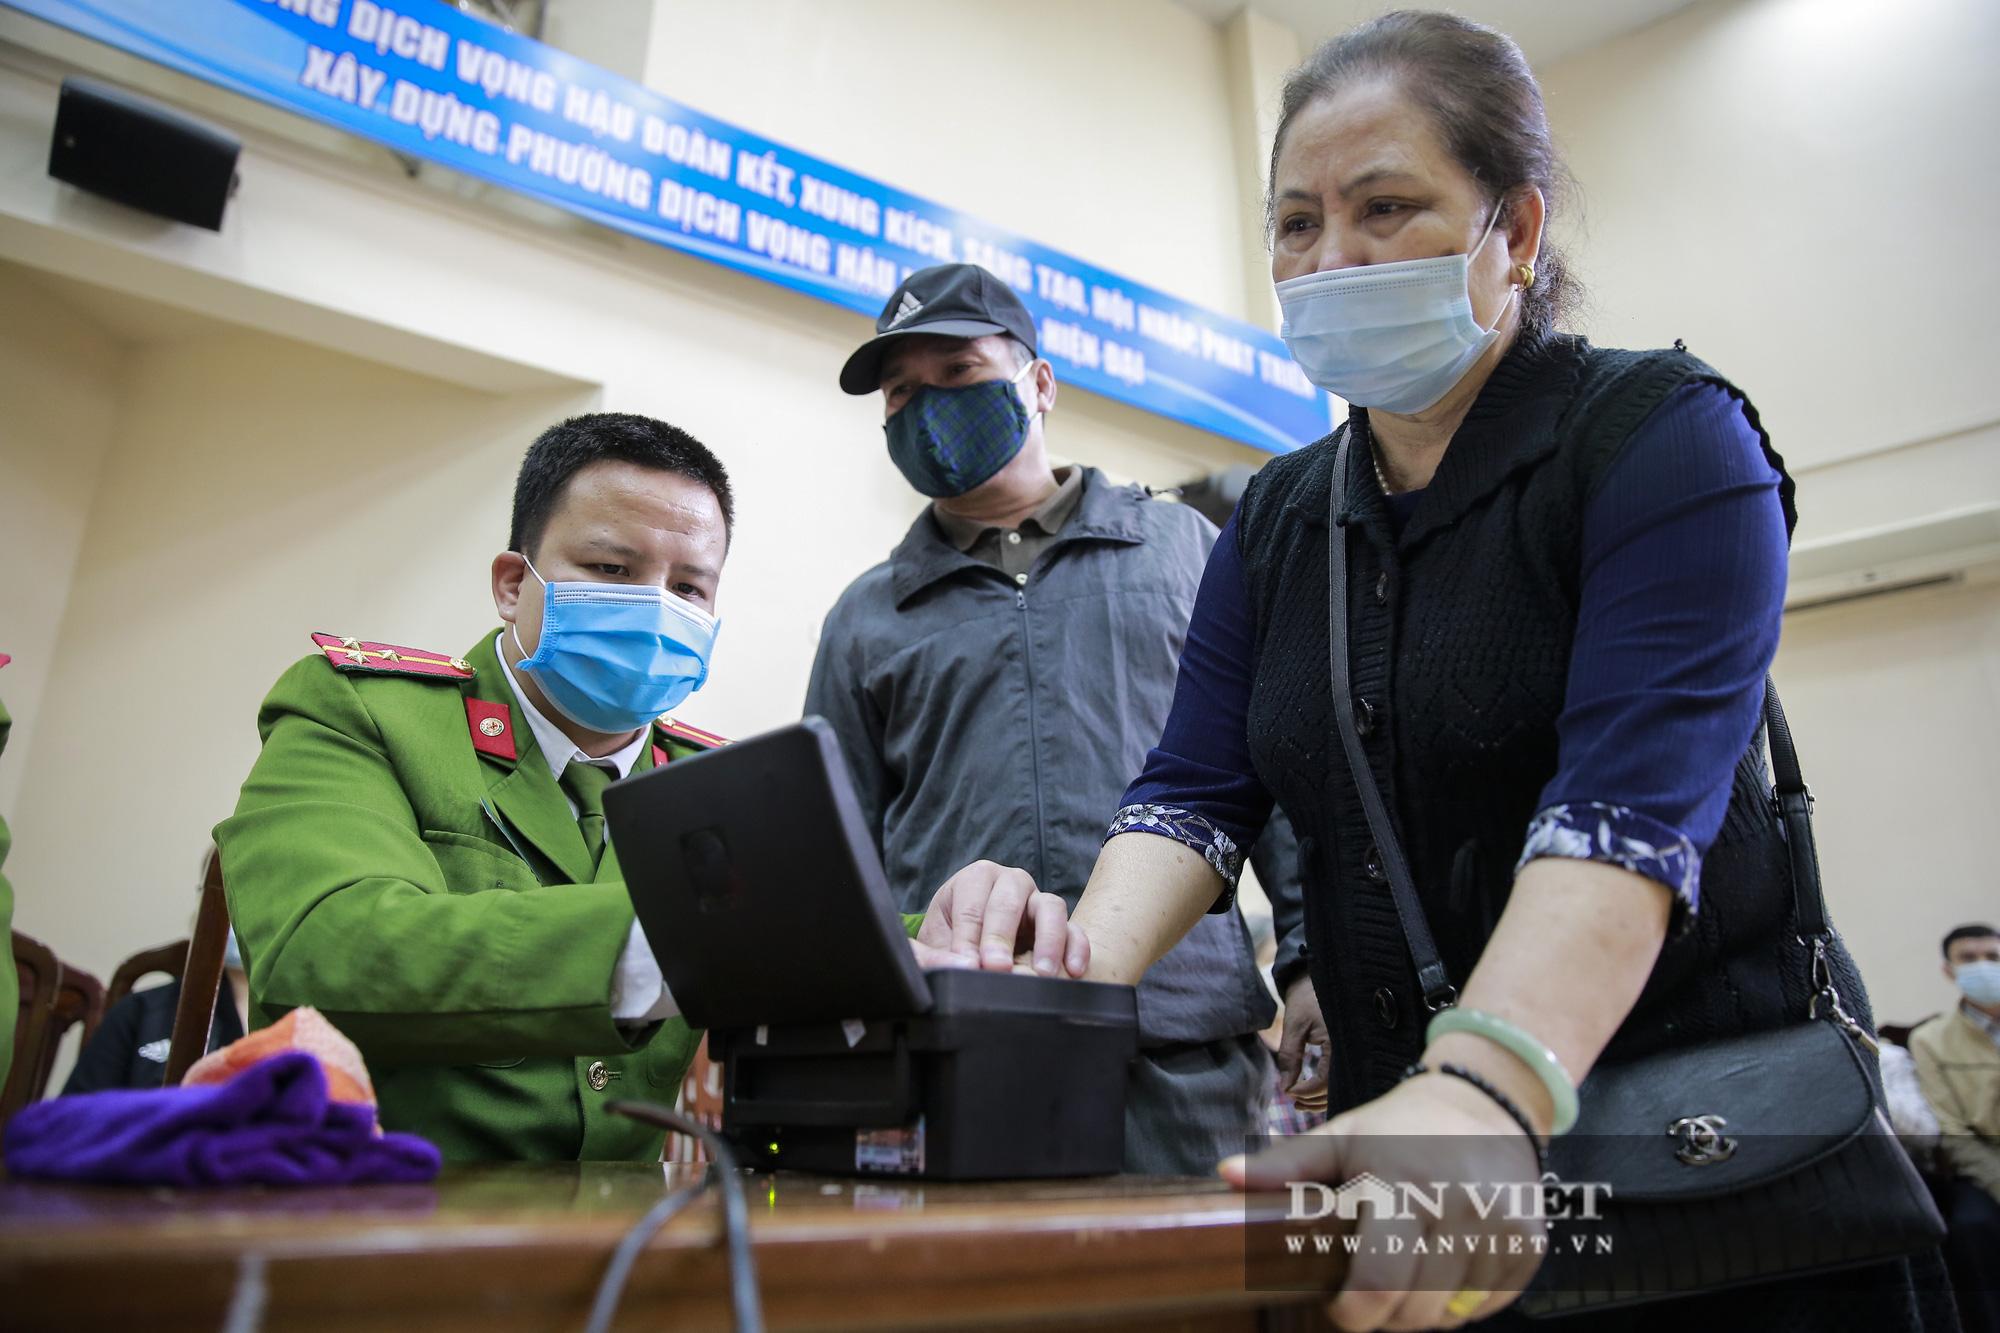 Mục sở thị quá trình cấp thẻ căn cước công dân gắn chíp lưu động tại Hà Nội - Ảnh 6.